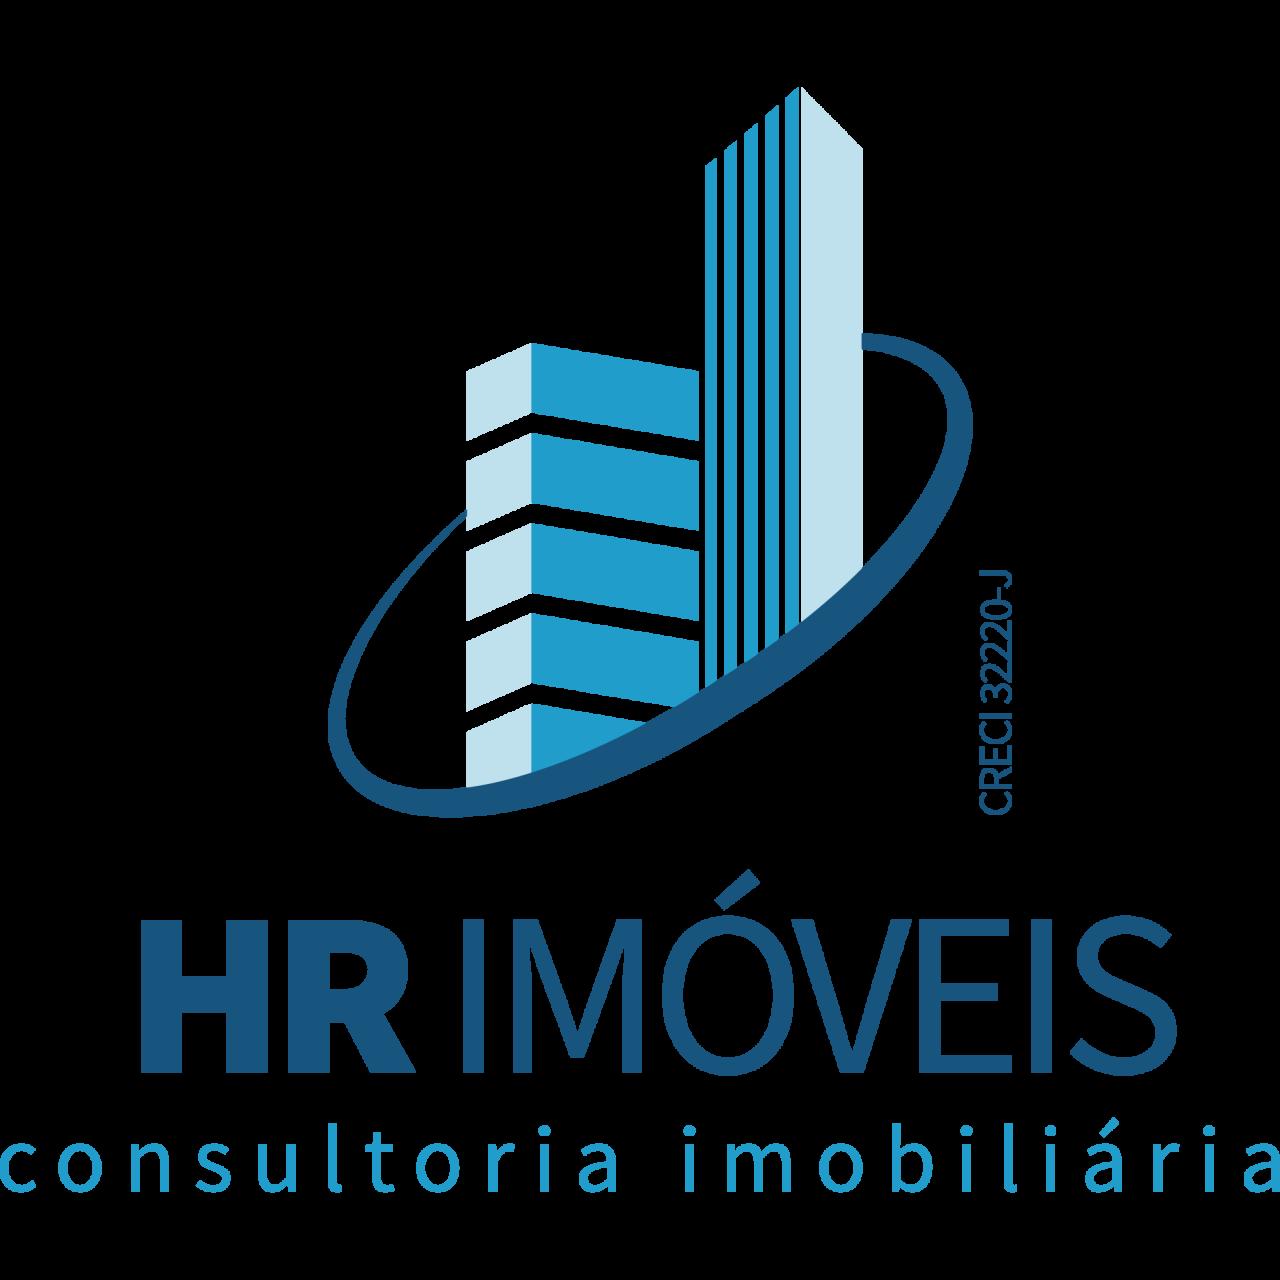 HR Imóveis Consultoria Imobiliária